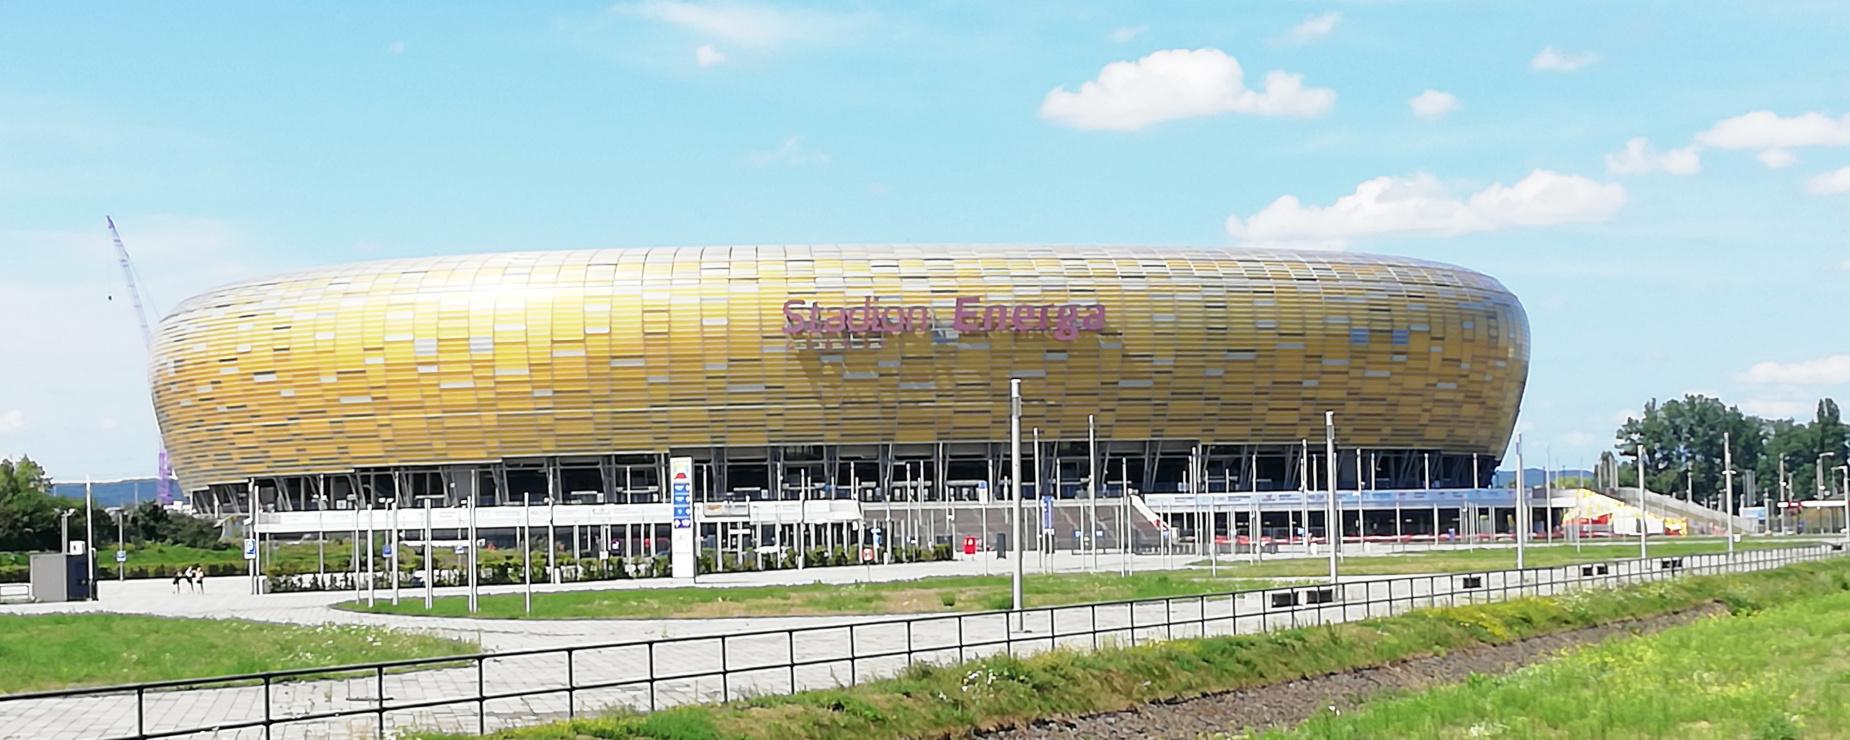 Bungee, skatepart, a może dmuchańce? Jeśli chcesz ciekawie spędzić czas, w weekend wybierz się w okolice stadionu Energa Gdańsk